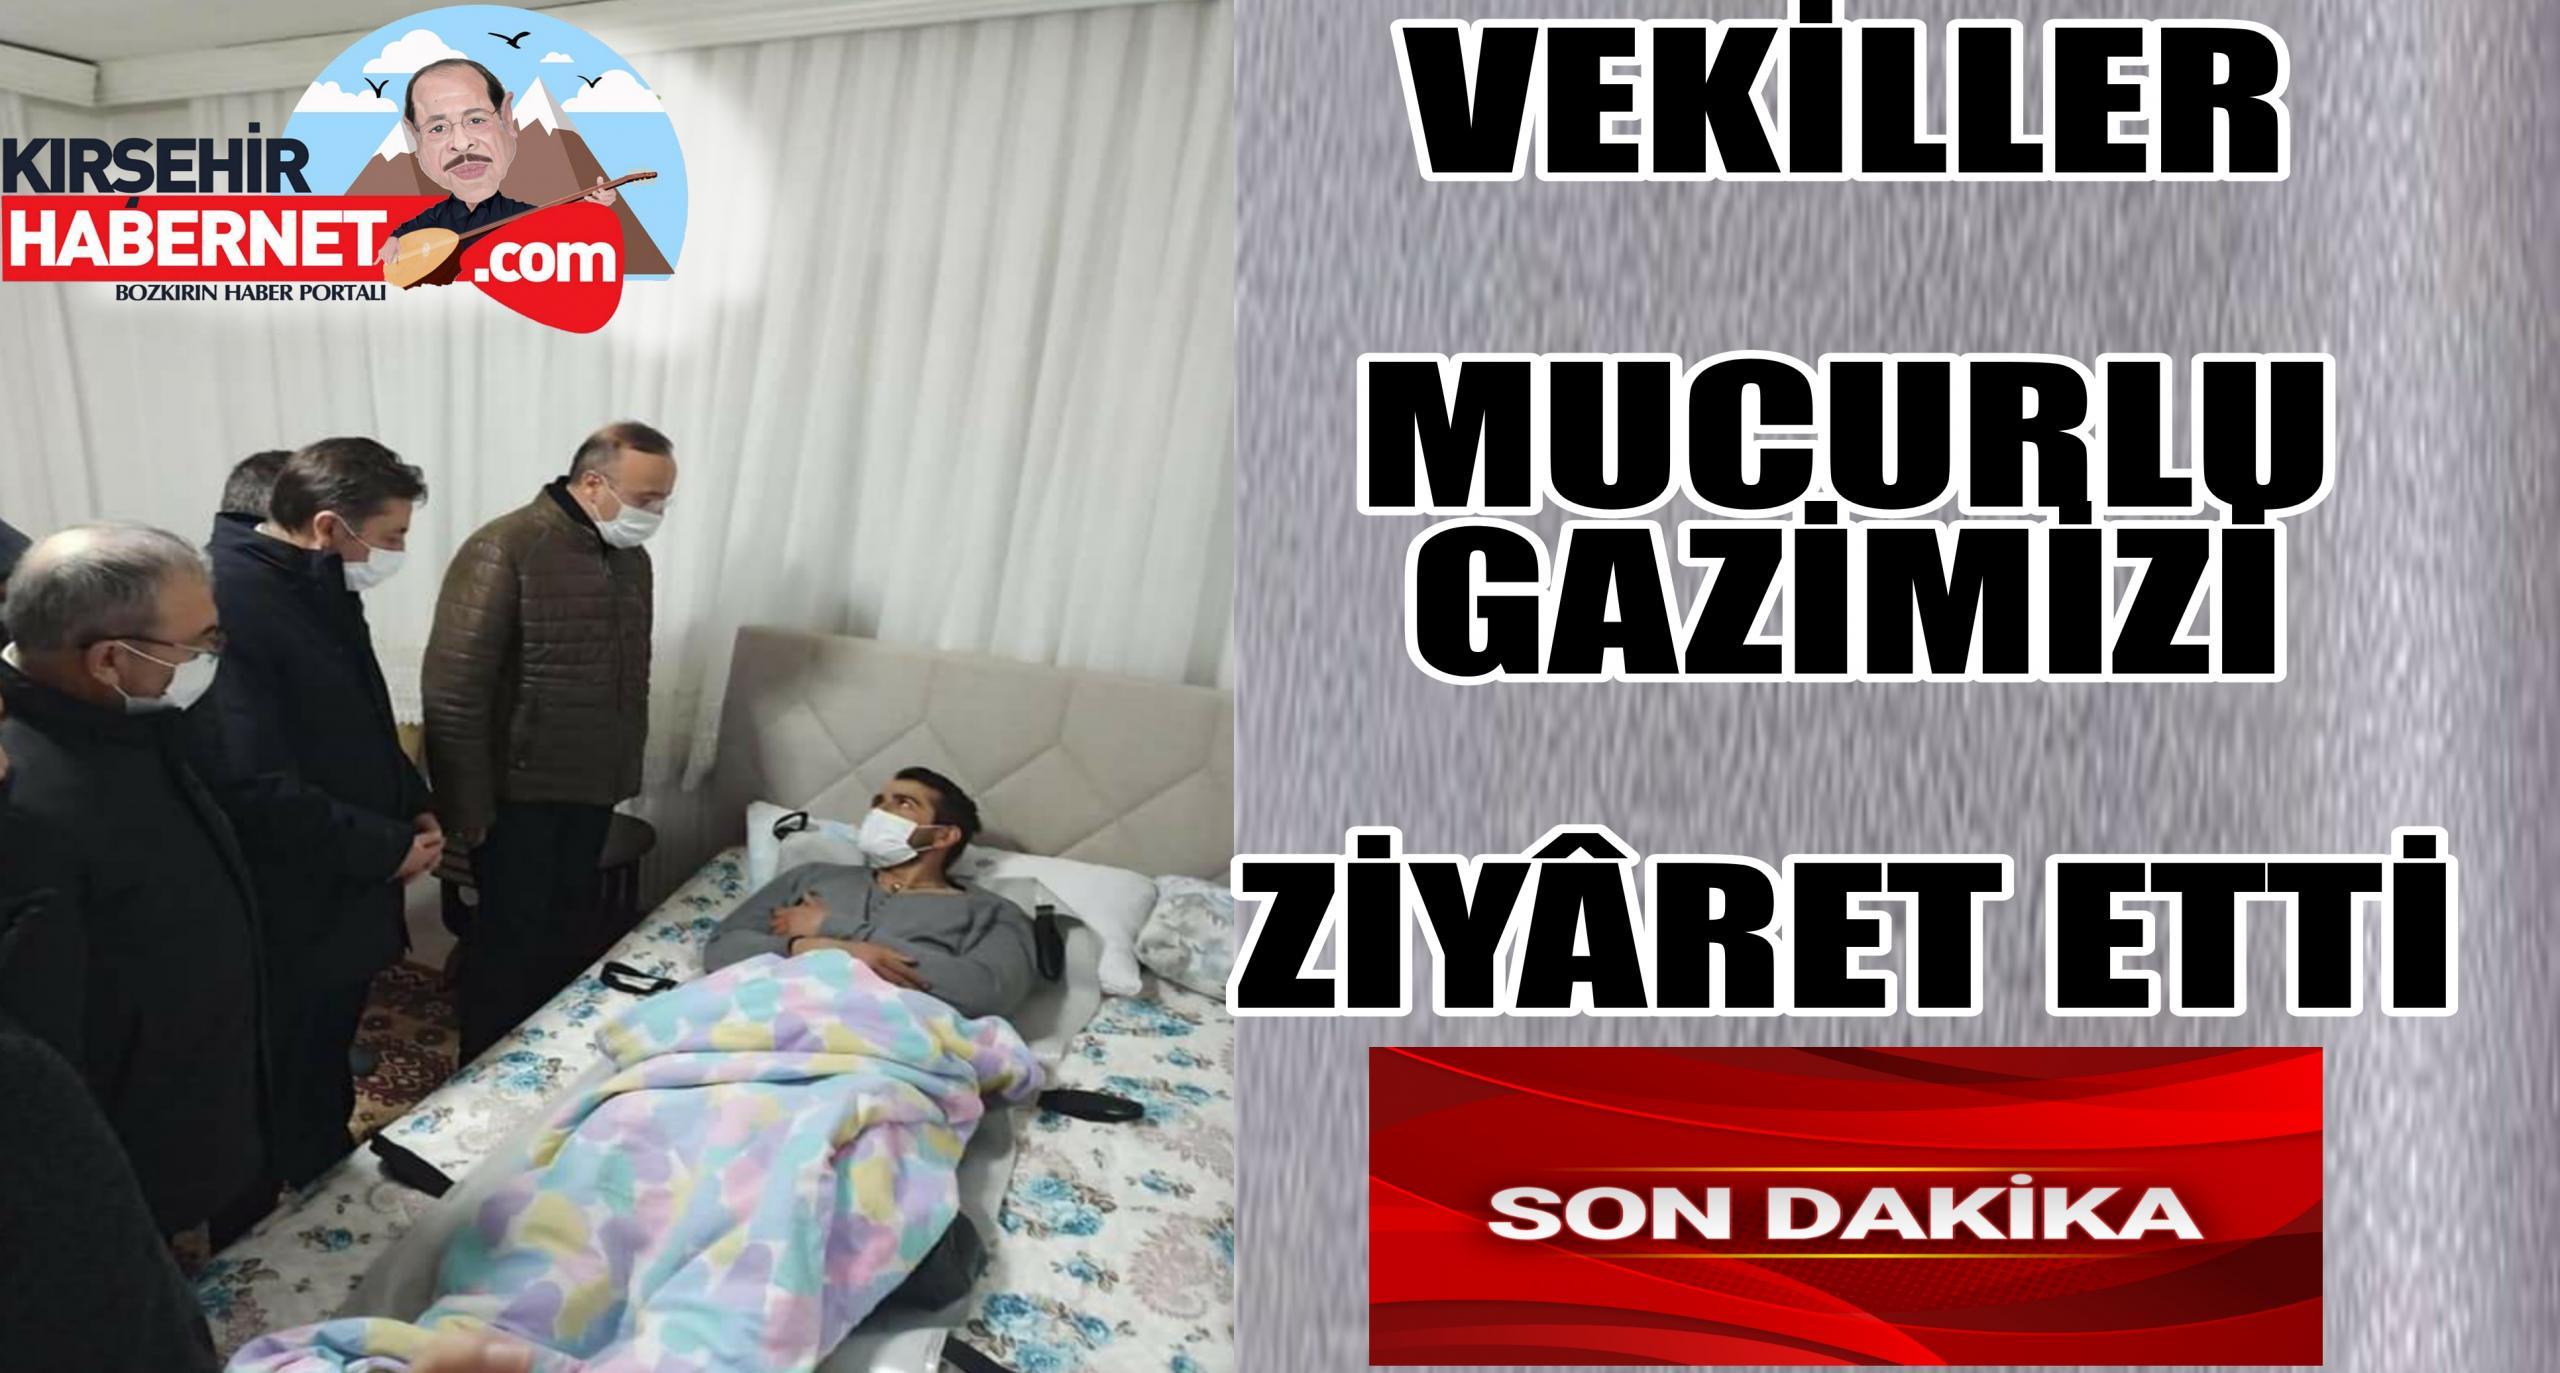 MUCURLU GAZİMİZ ZİYÂRET EDİLDİ !!